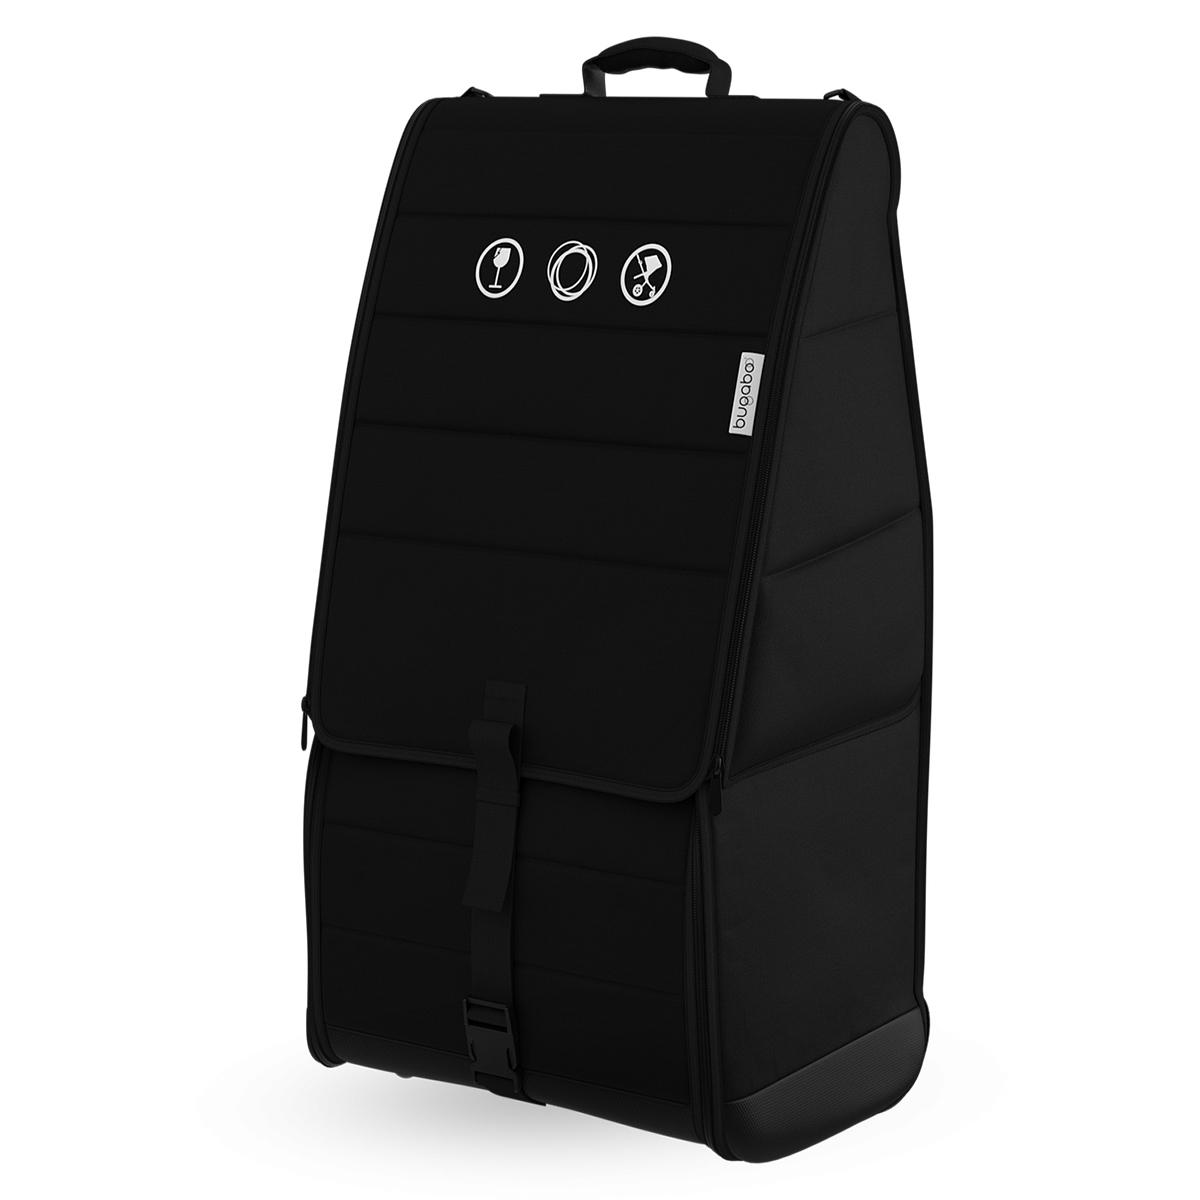 Accessoires poussette Sac de Transport Confort - Noir Sac de Transport Confort - Noir